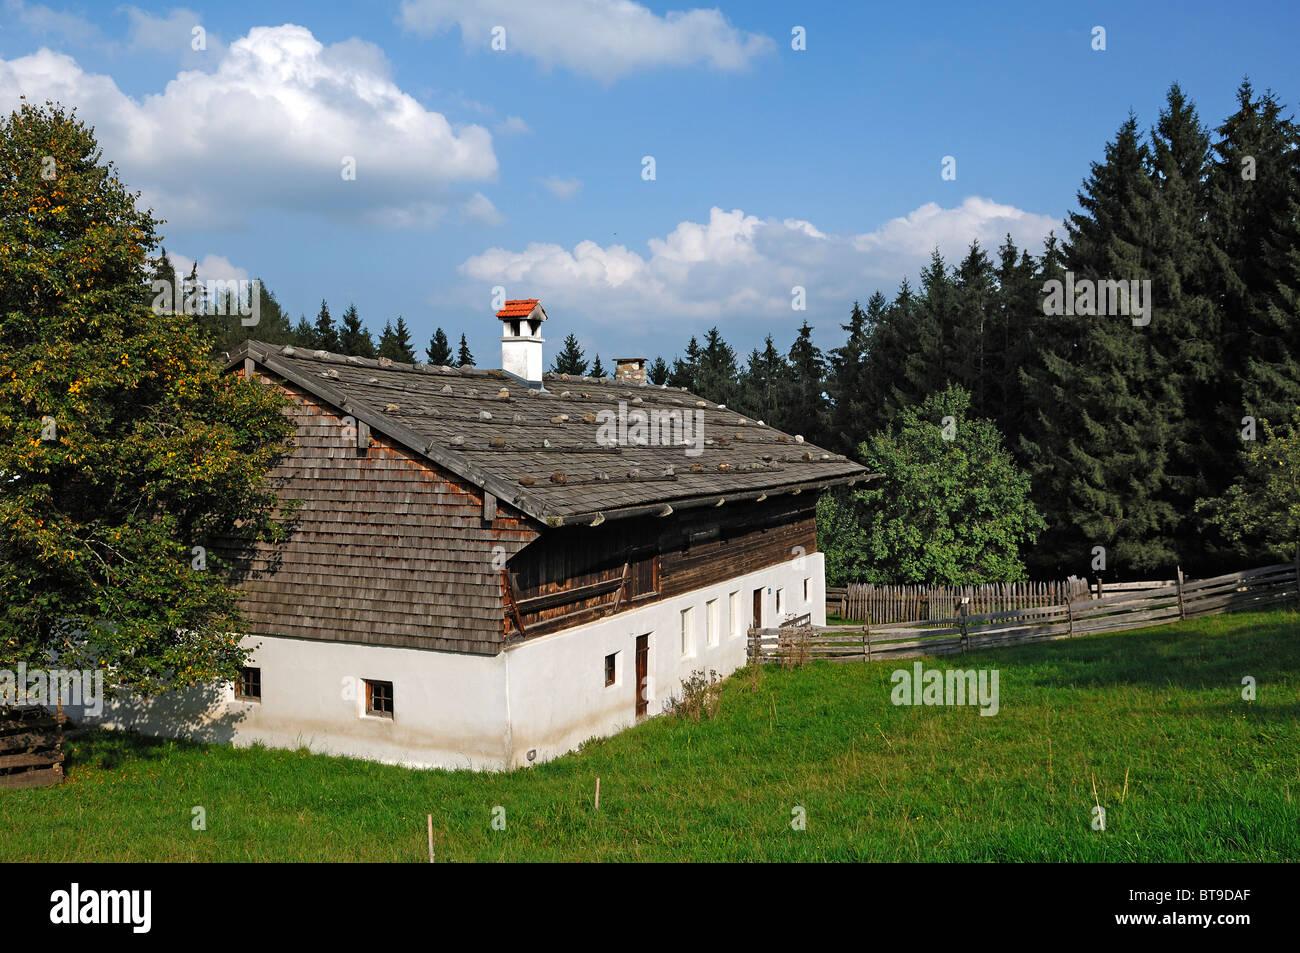 Residential house of a four-sided farm from Tyrlaching, Landkreis Altoetting region, built in 1566, Glentleiten - Stock Image